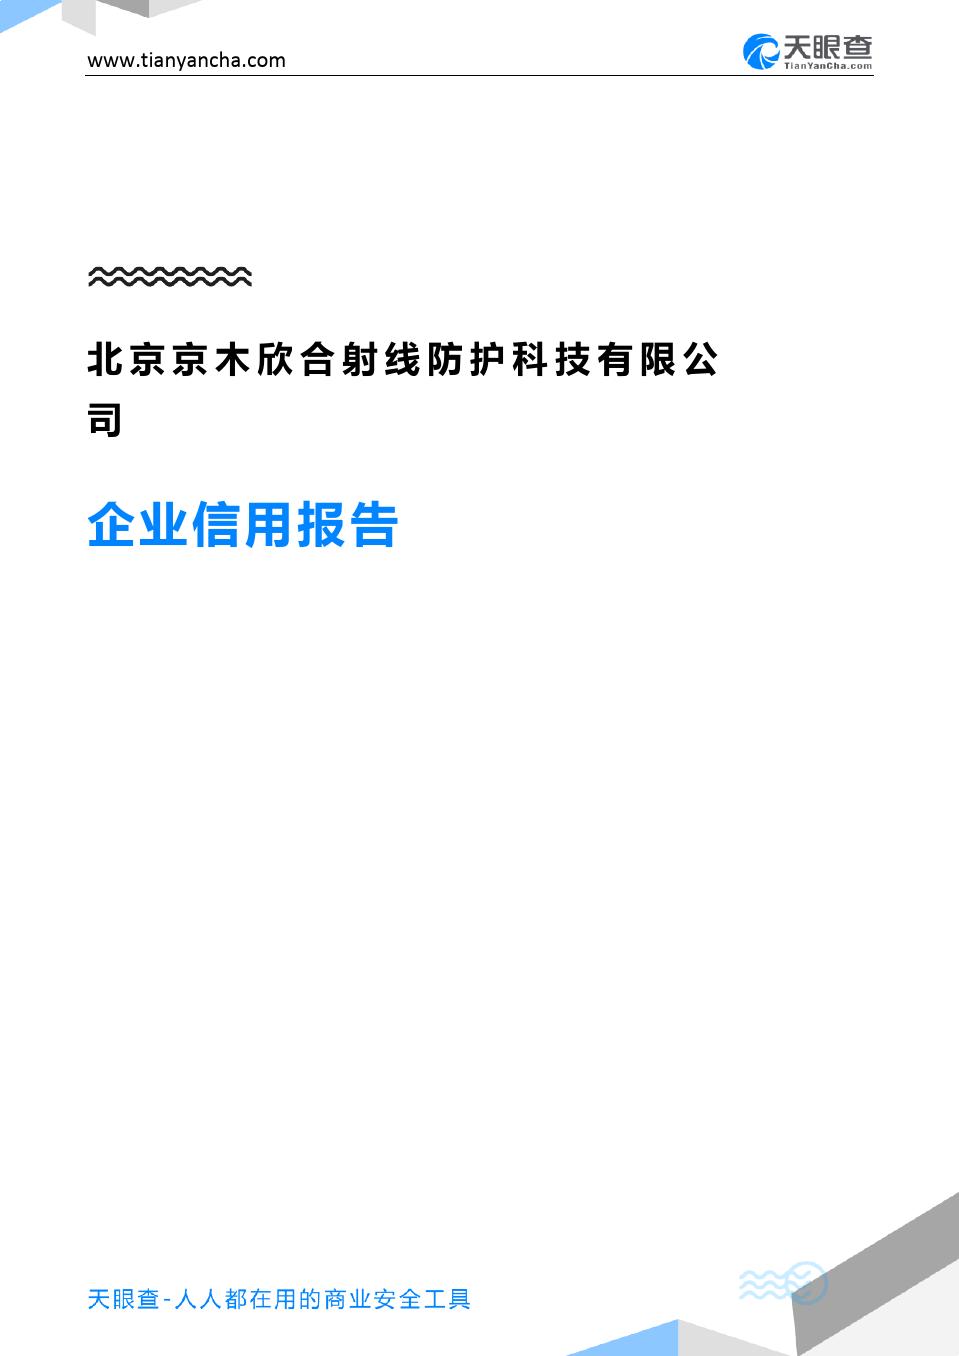 北京京木欣合射线防护科技有限公司企业信用报告-天眼查